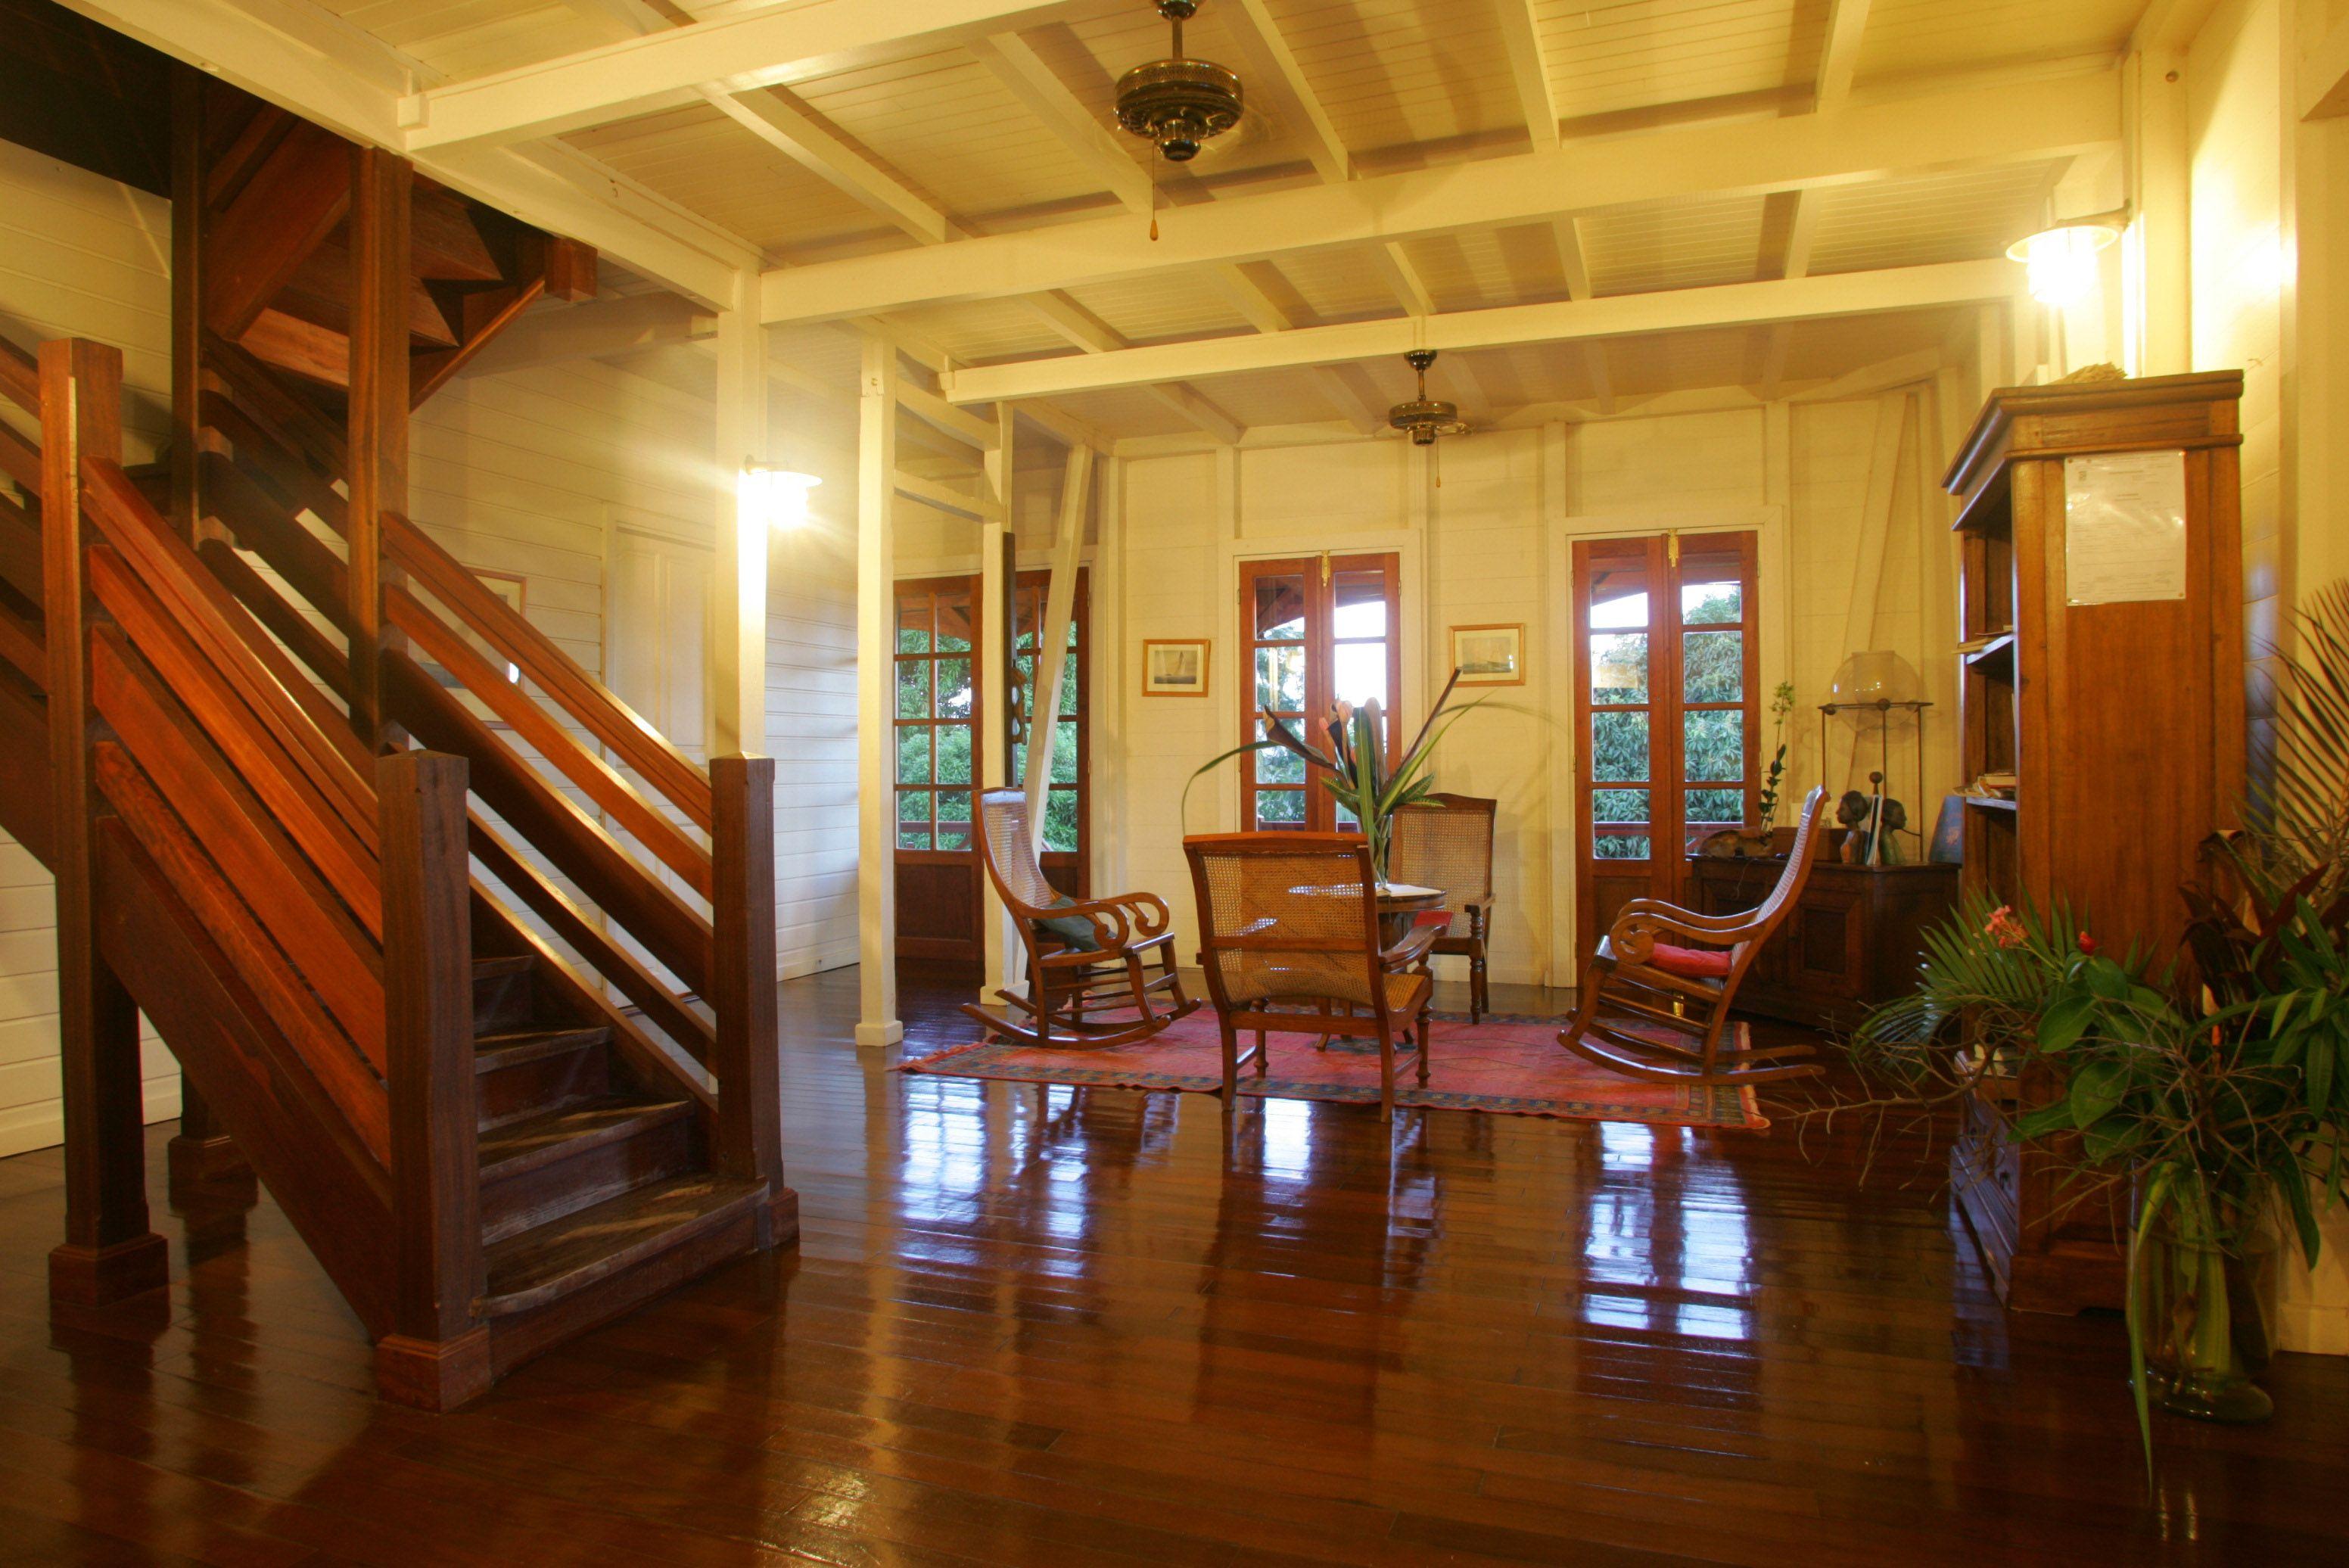 L int rieur de la maison coloniale au jardin malanga celle ci comporte une suite de 2 chambres for Interieur maison coloniale